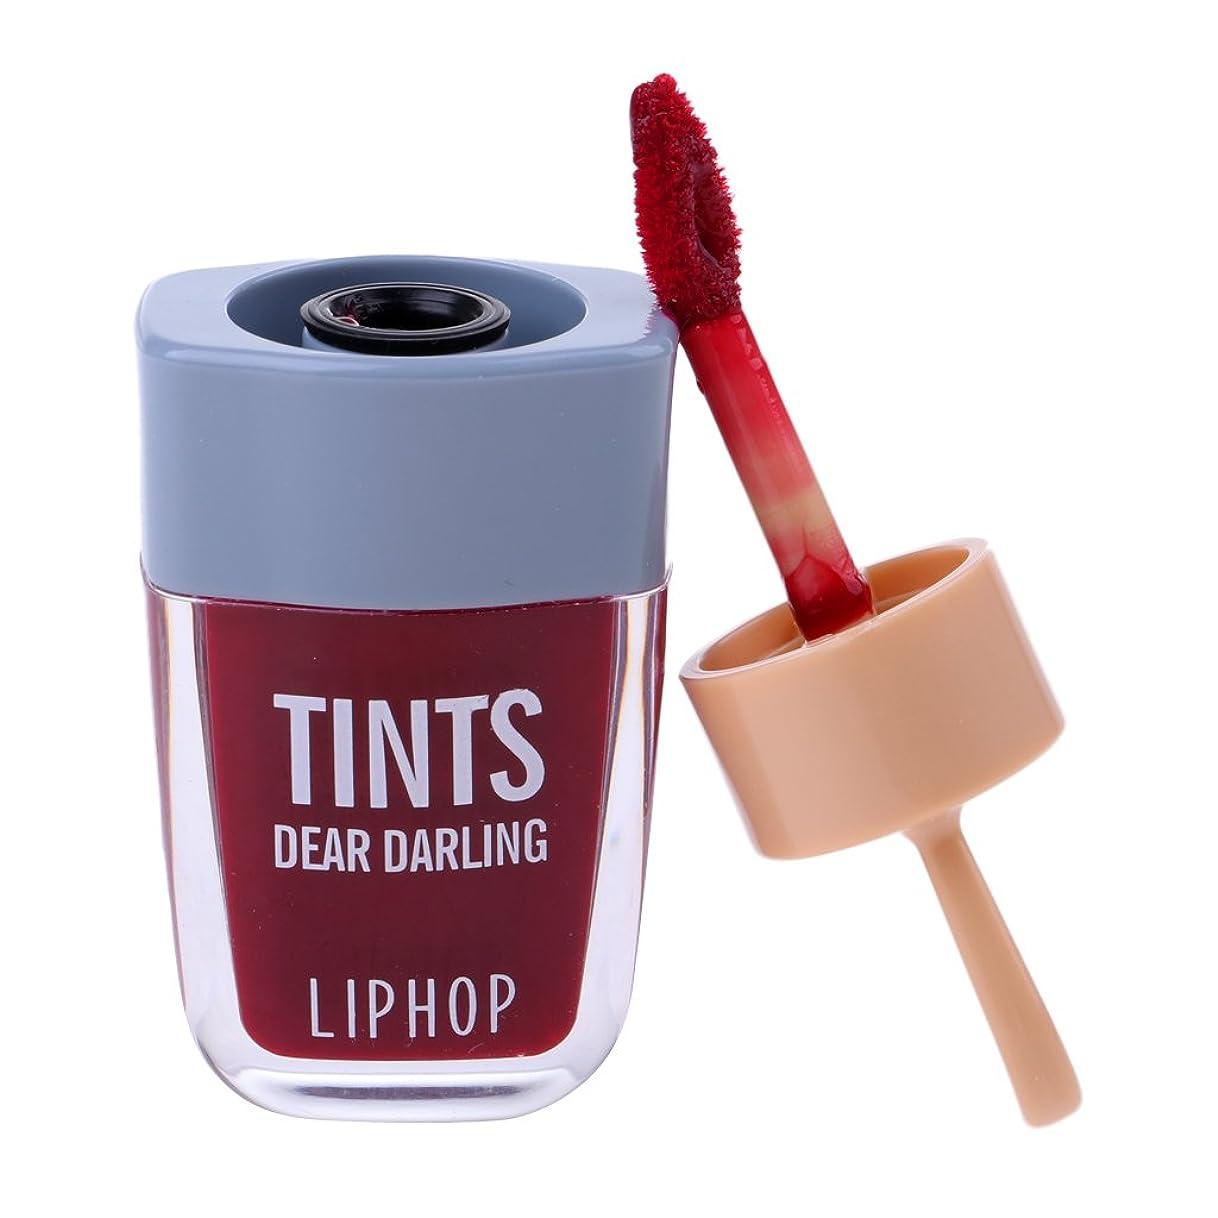 関税ワーム証明リップグロス 口紅 長持ち 防水 マット メイクアップ 唇メイク カラーメイク 6色選べる - ワインレッド